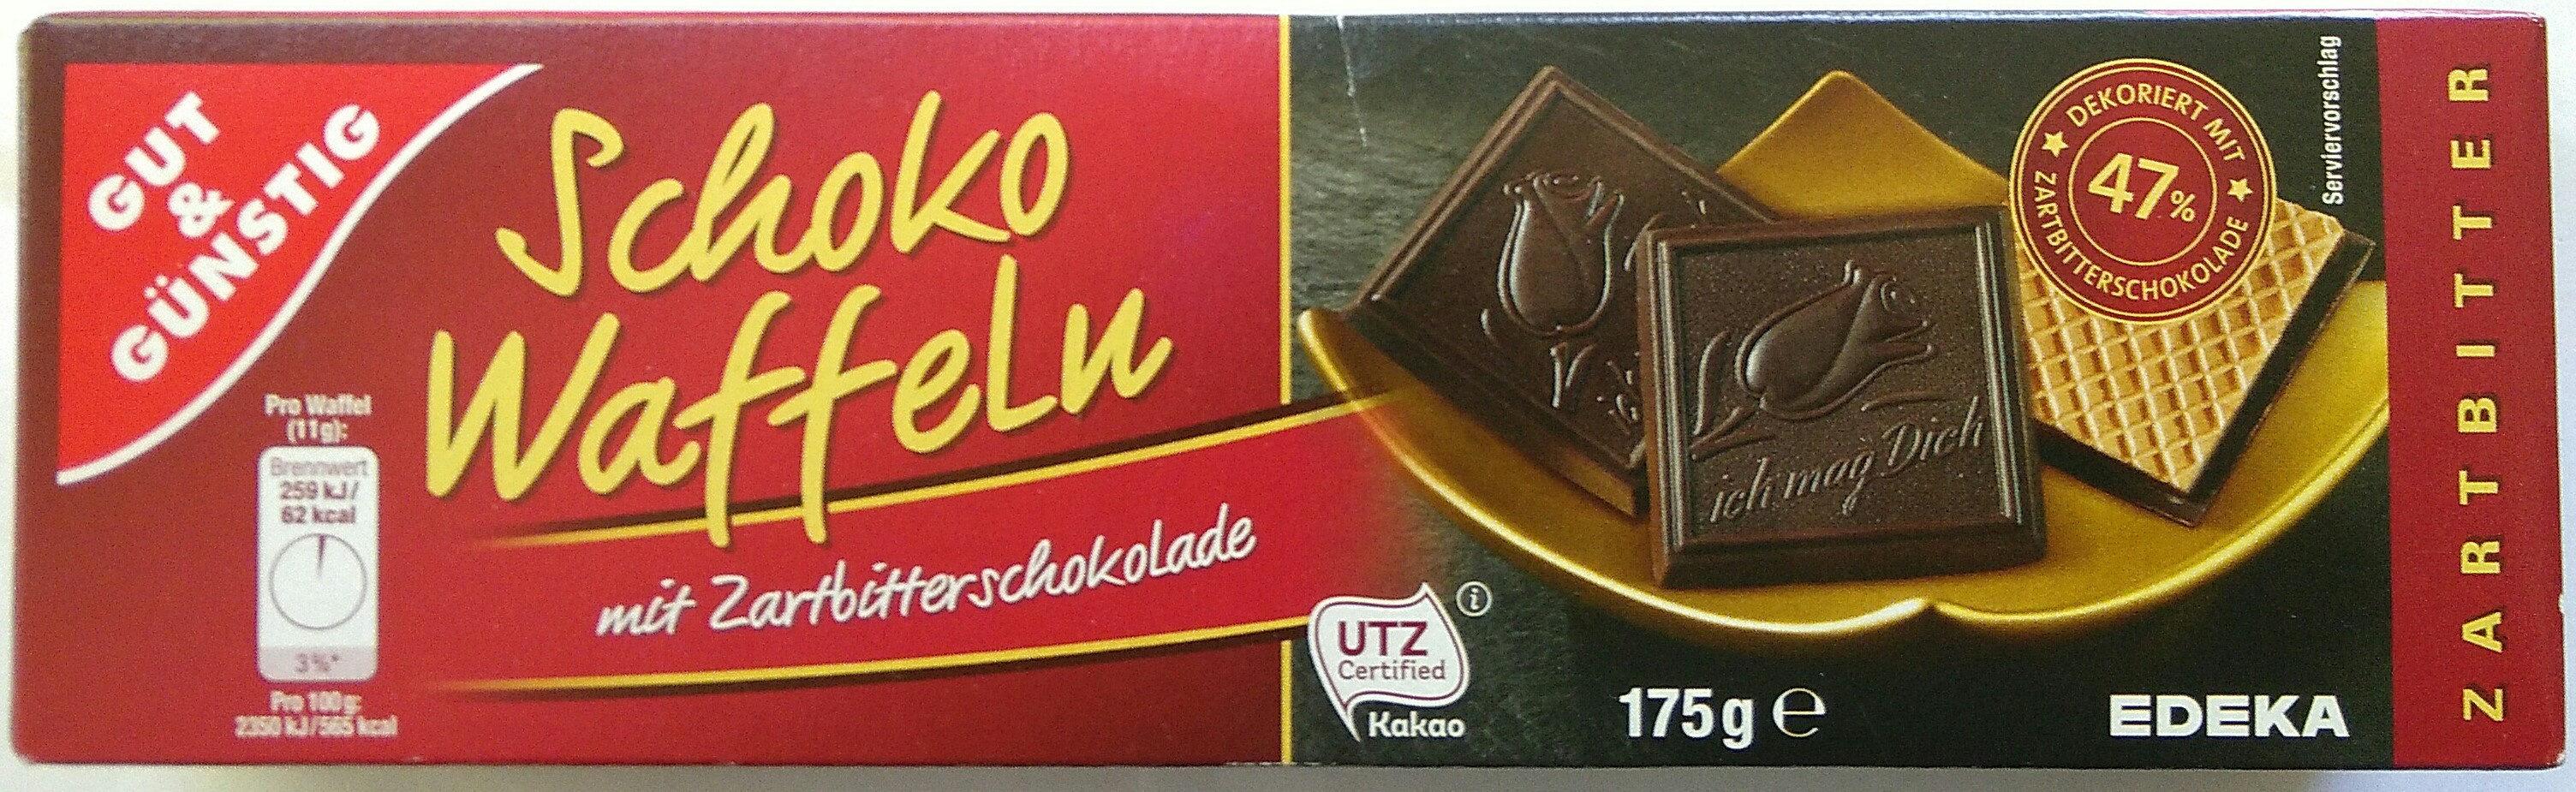 Schokowaffeln mit Zartbitterschokolade - Product - de